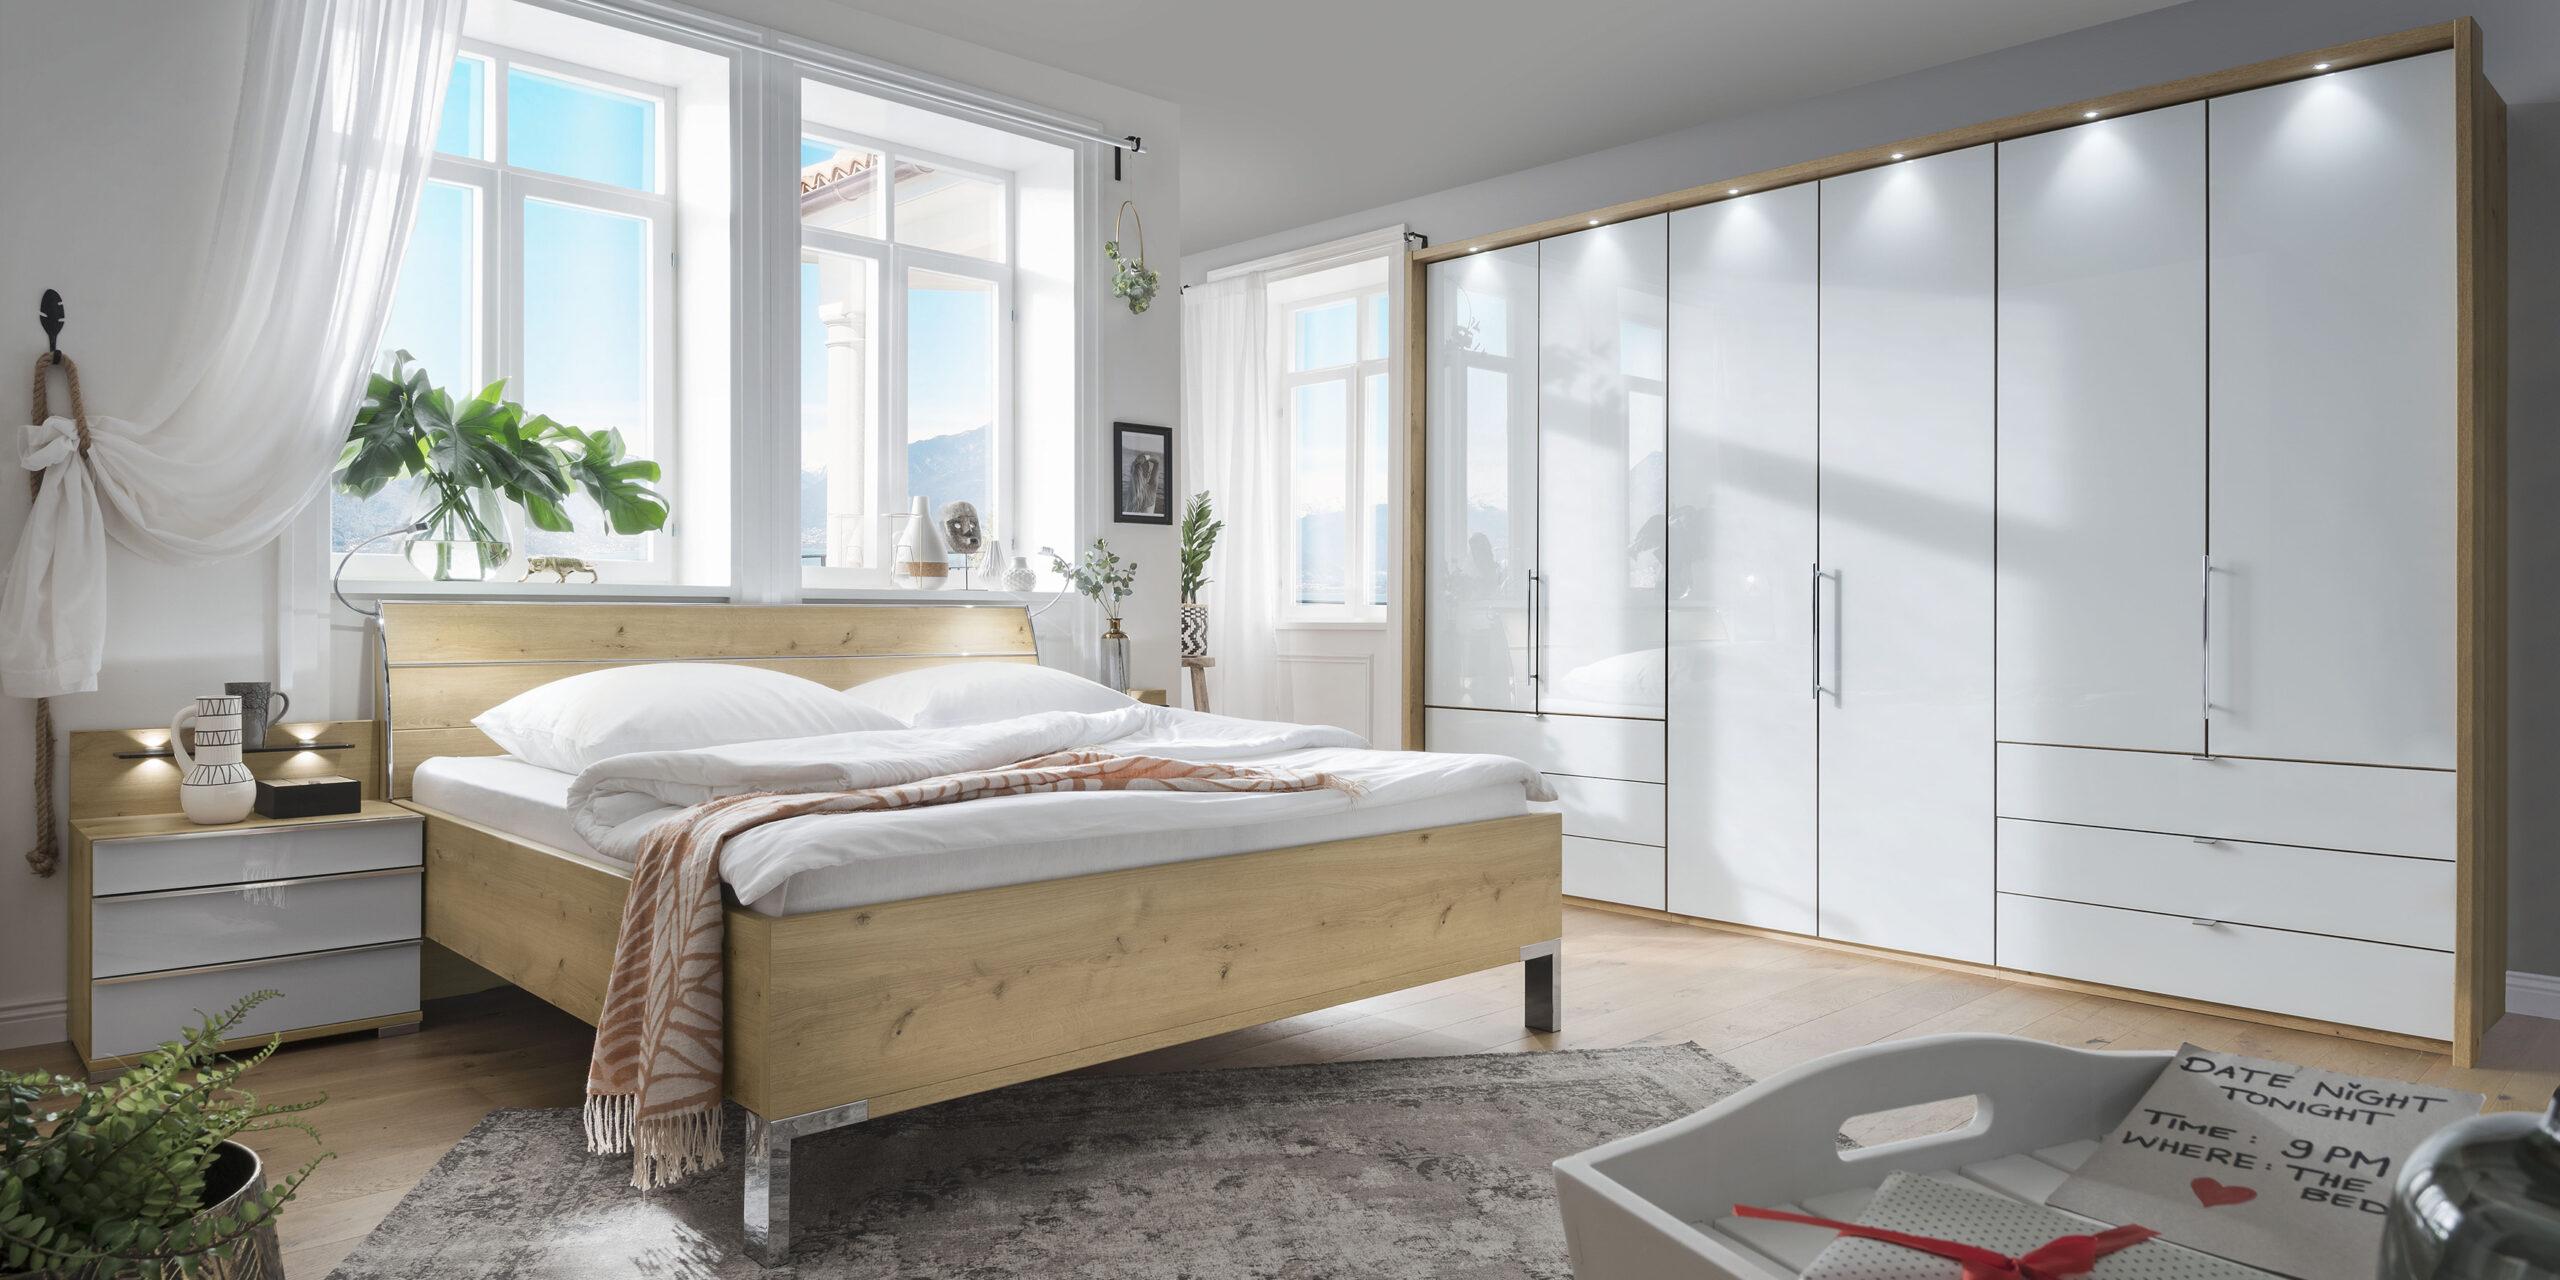 Full Size of überbau Schlafzimmer Modern Schlafzimmermbel Aus Deutschland Mbelhersteller Wiemann Mit Kommoden Günstige Komplett Moderne Duschen Komplette Deckenleuchte Wohnzimmer überbau Schlafzimmer Modern